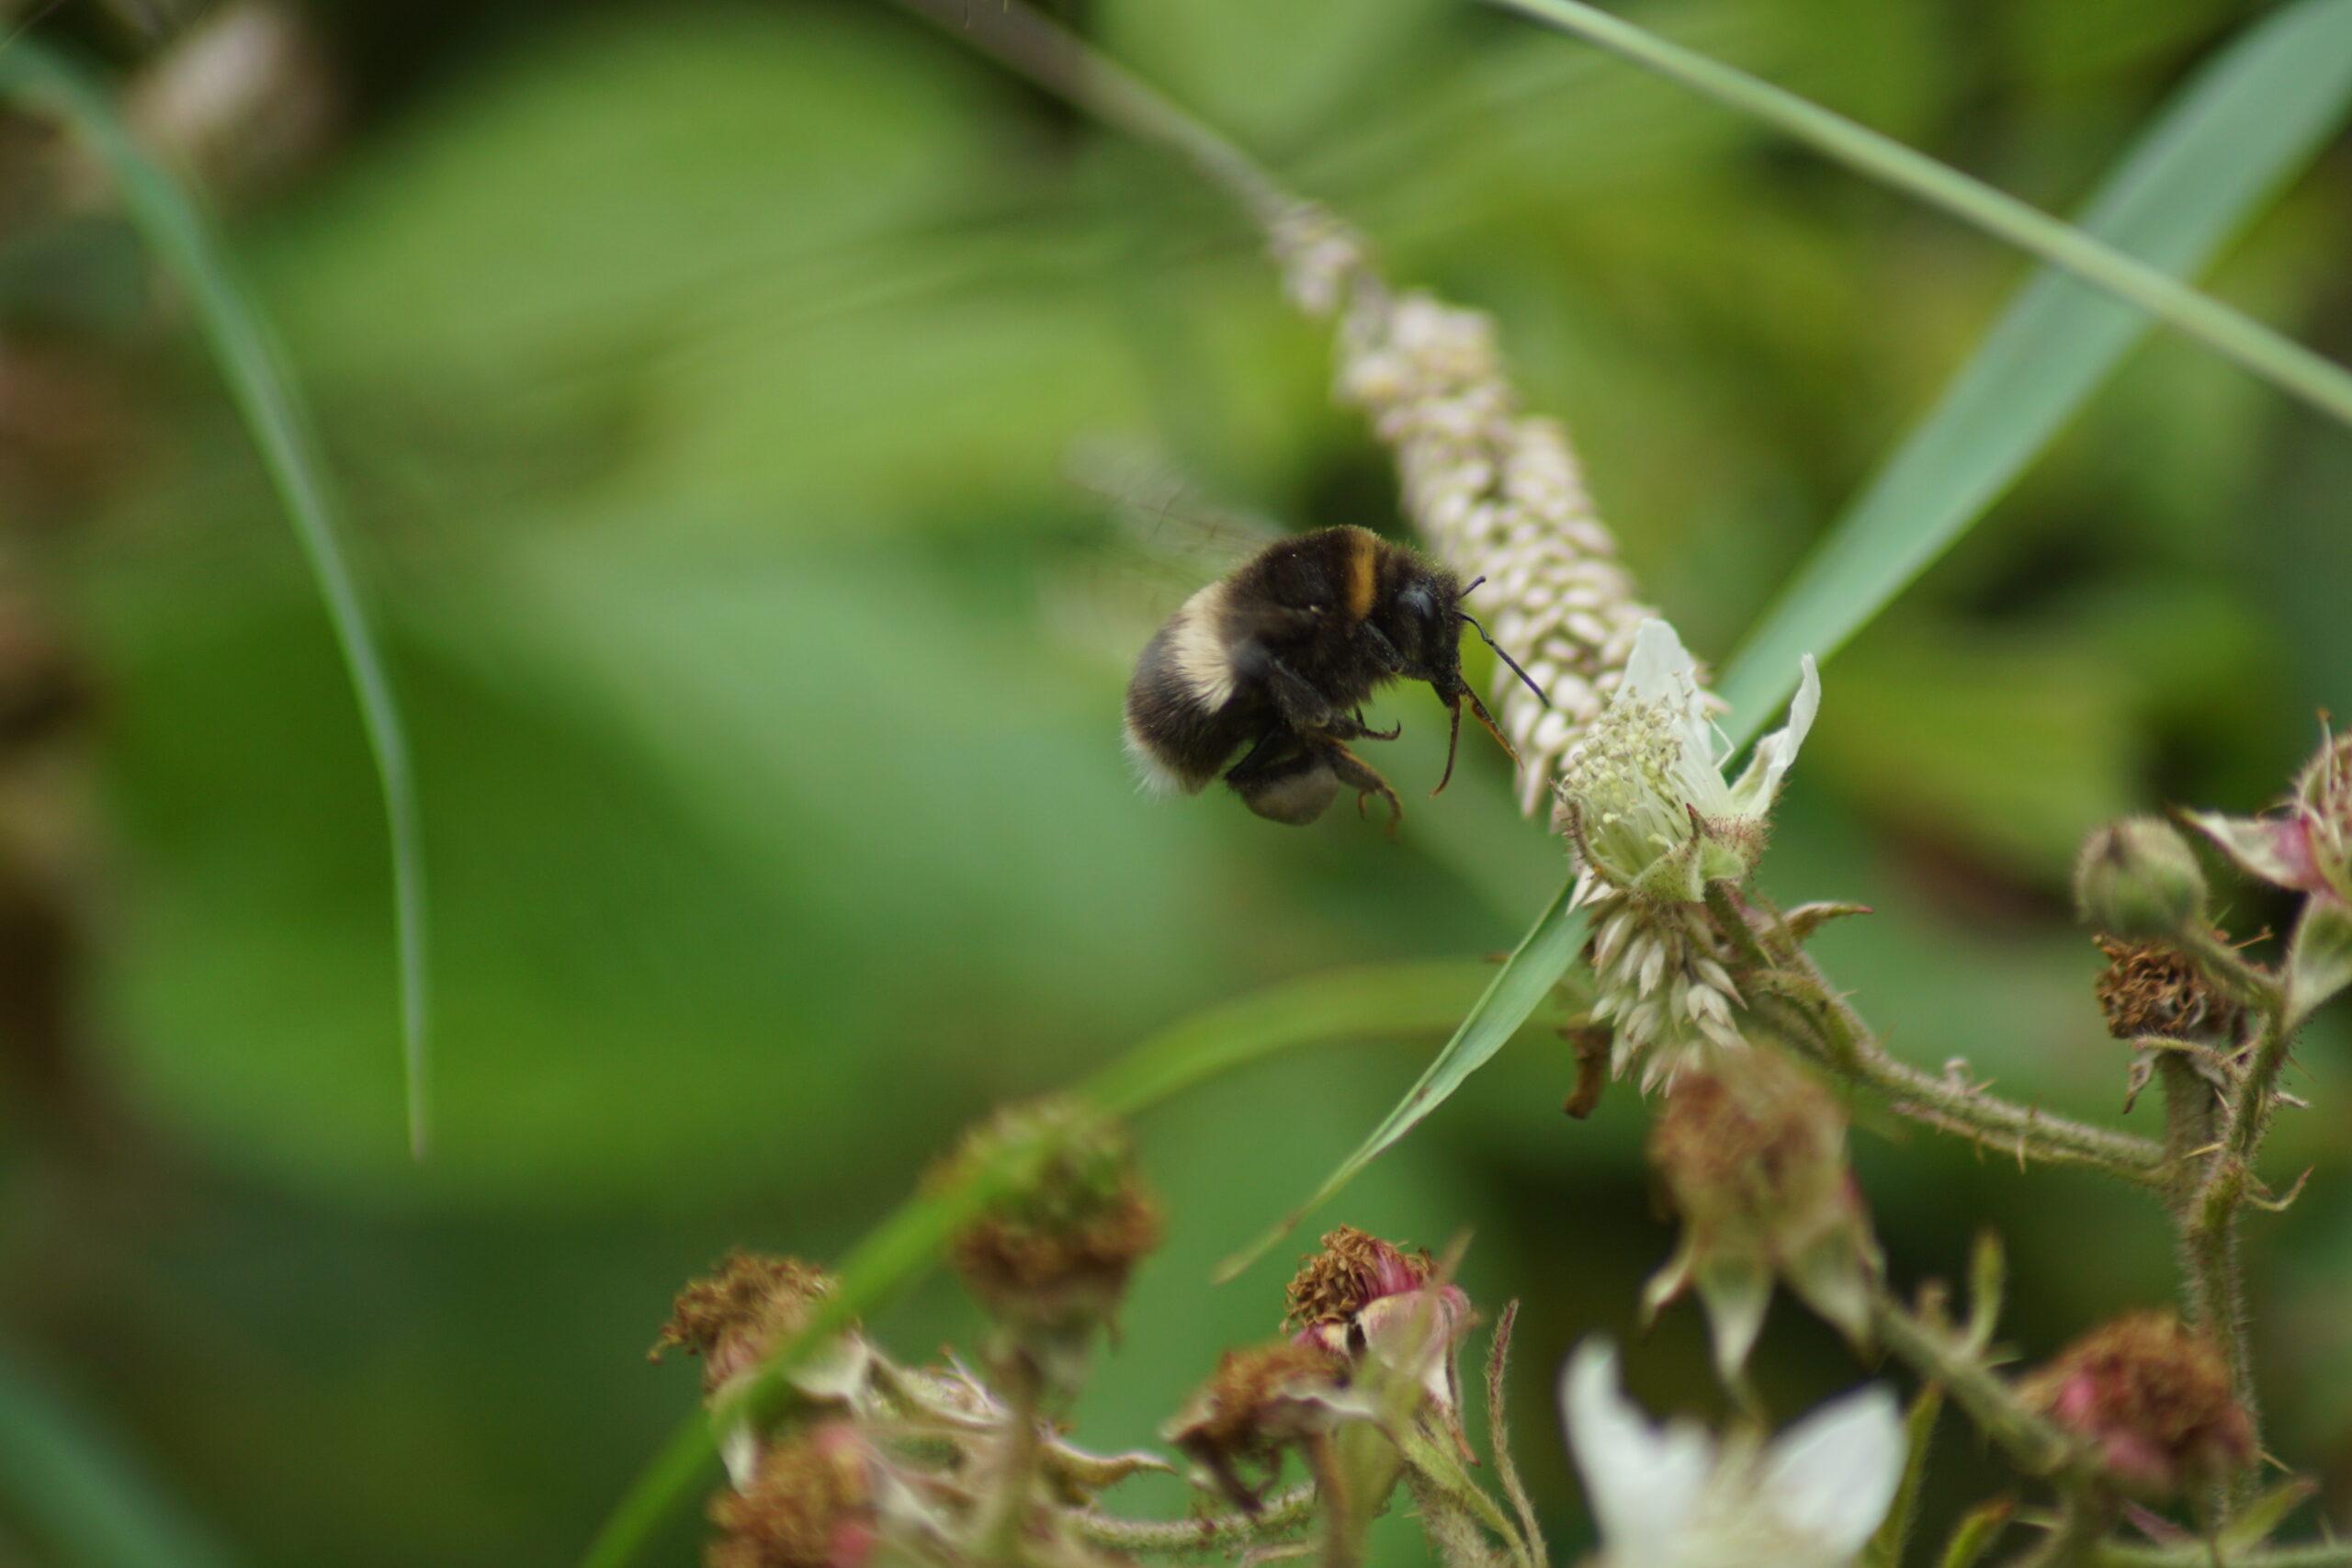 Heath bumble bee